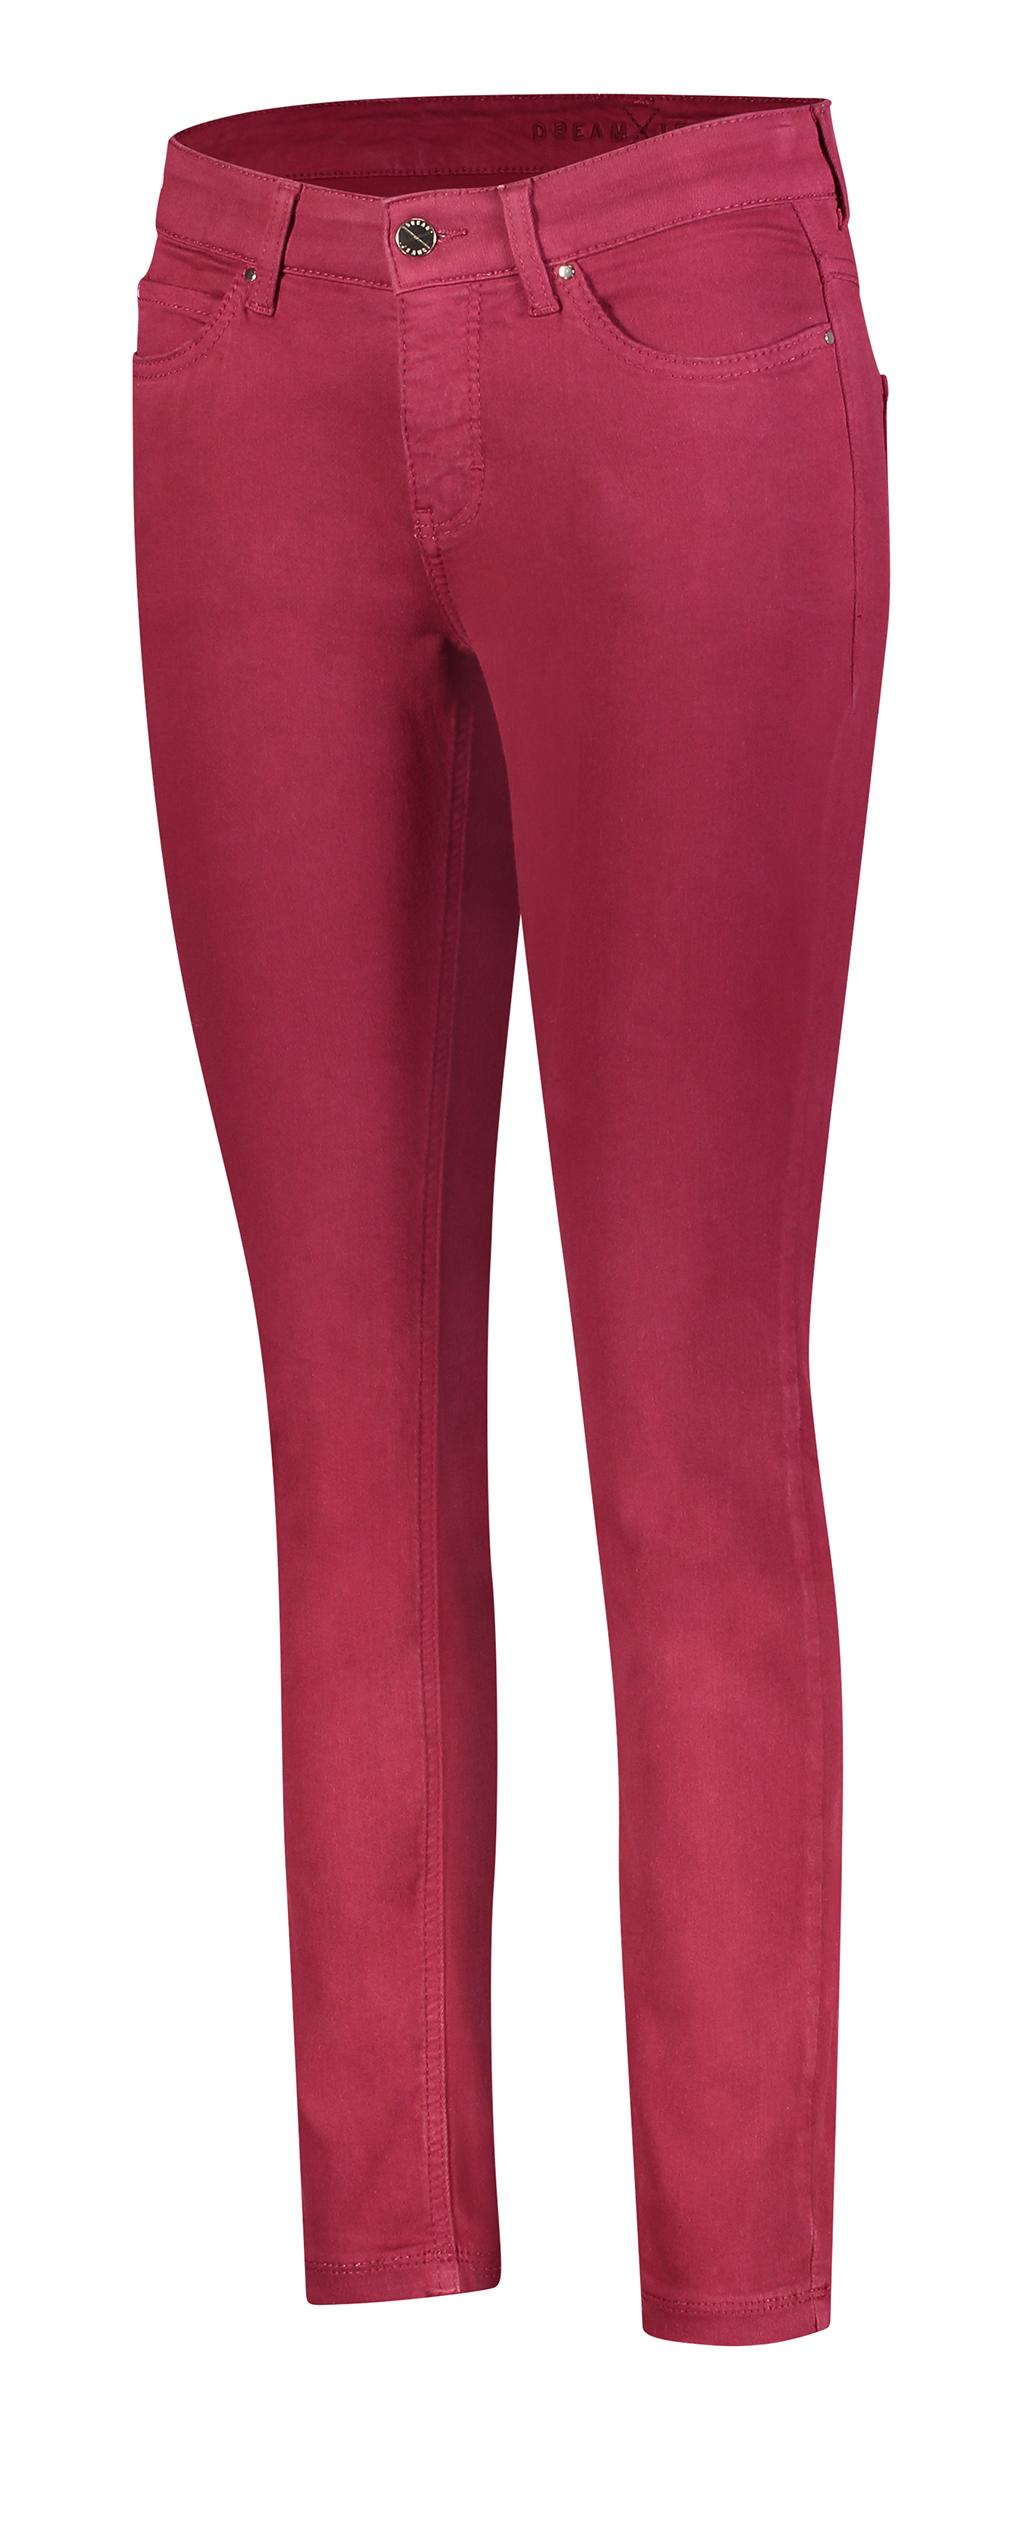 MAC Dream Skinny Rubis Red Femmes Jean Stretch 5402-00-0355l-458r